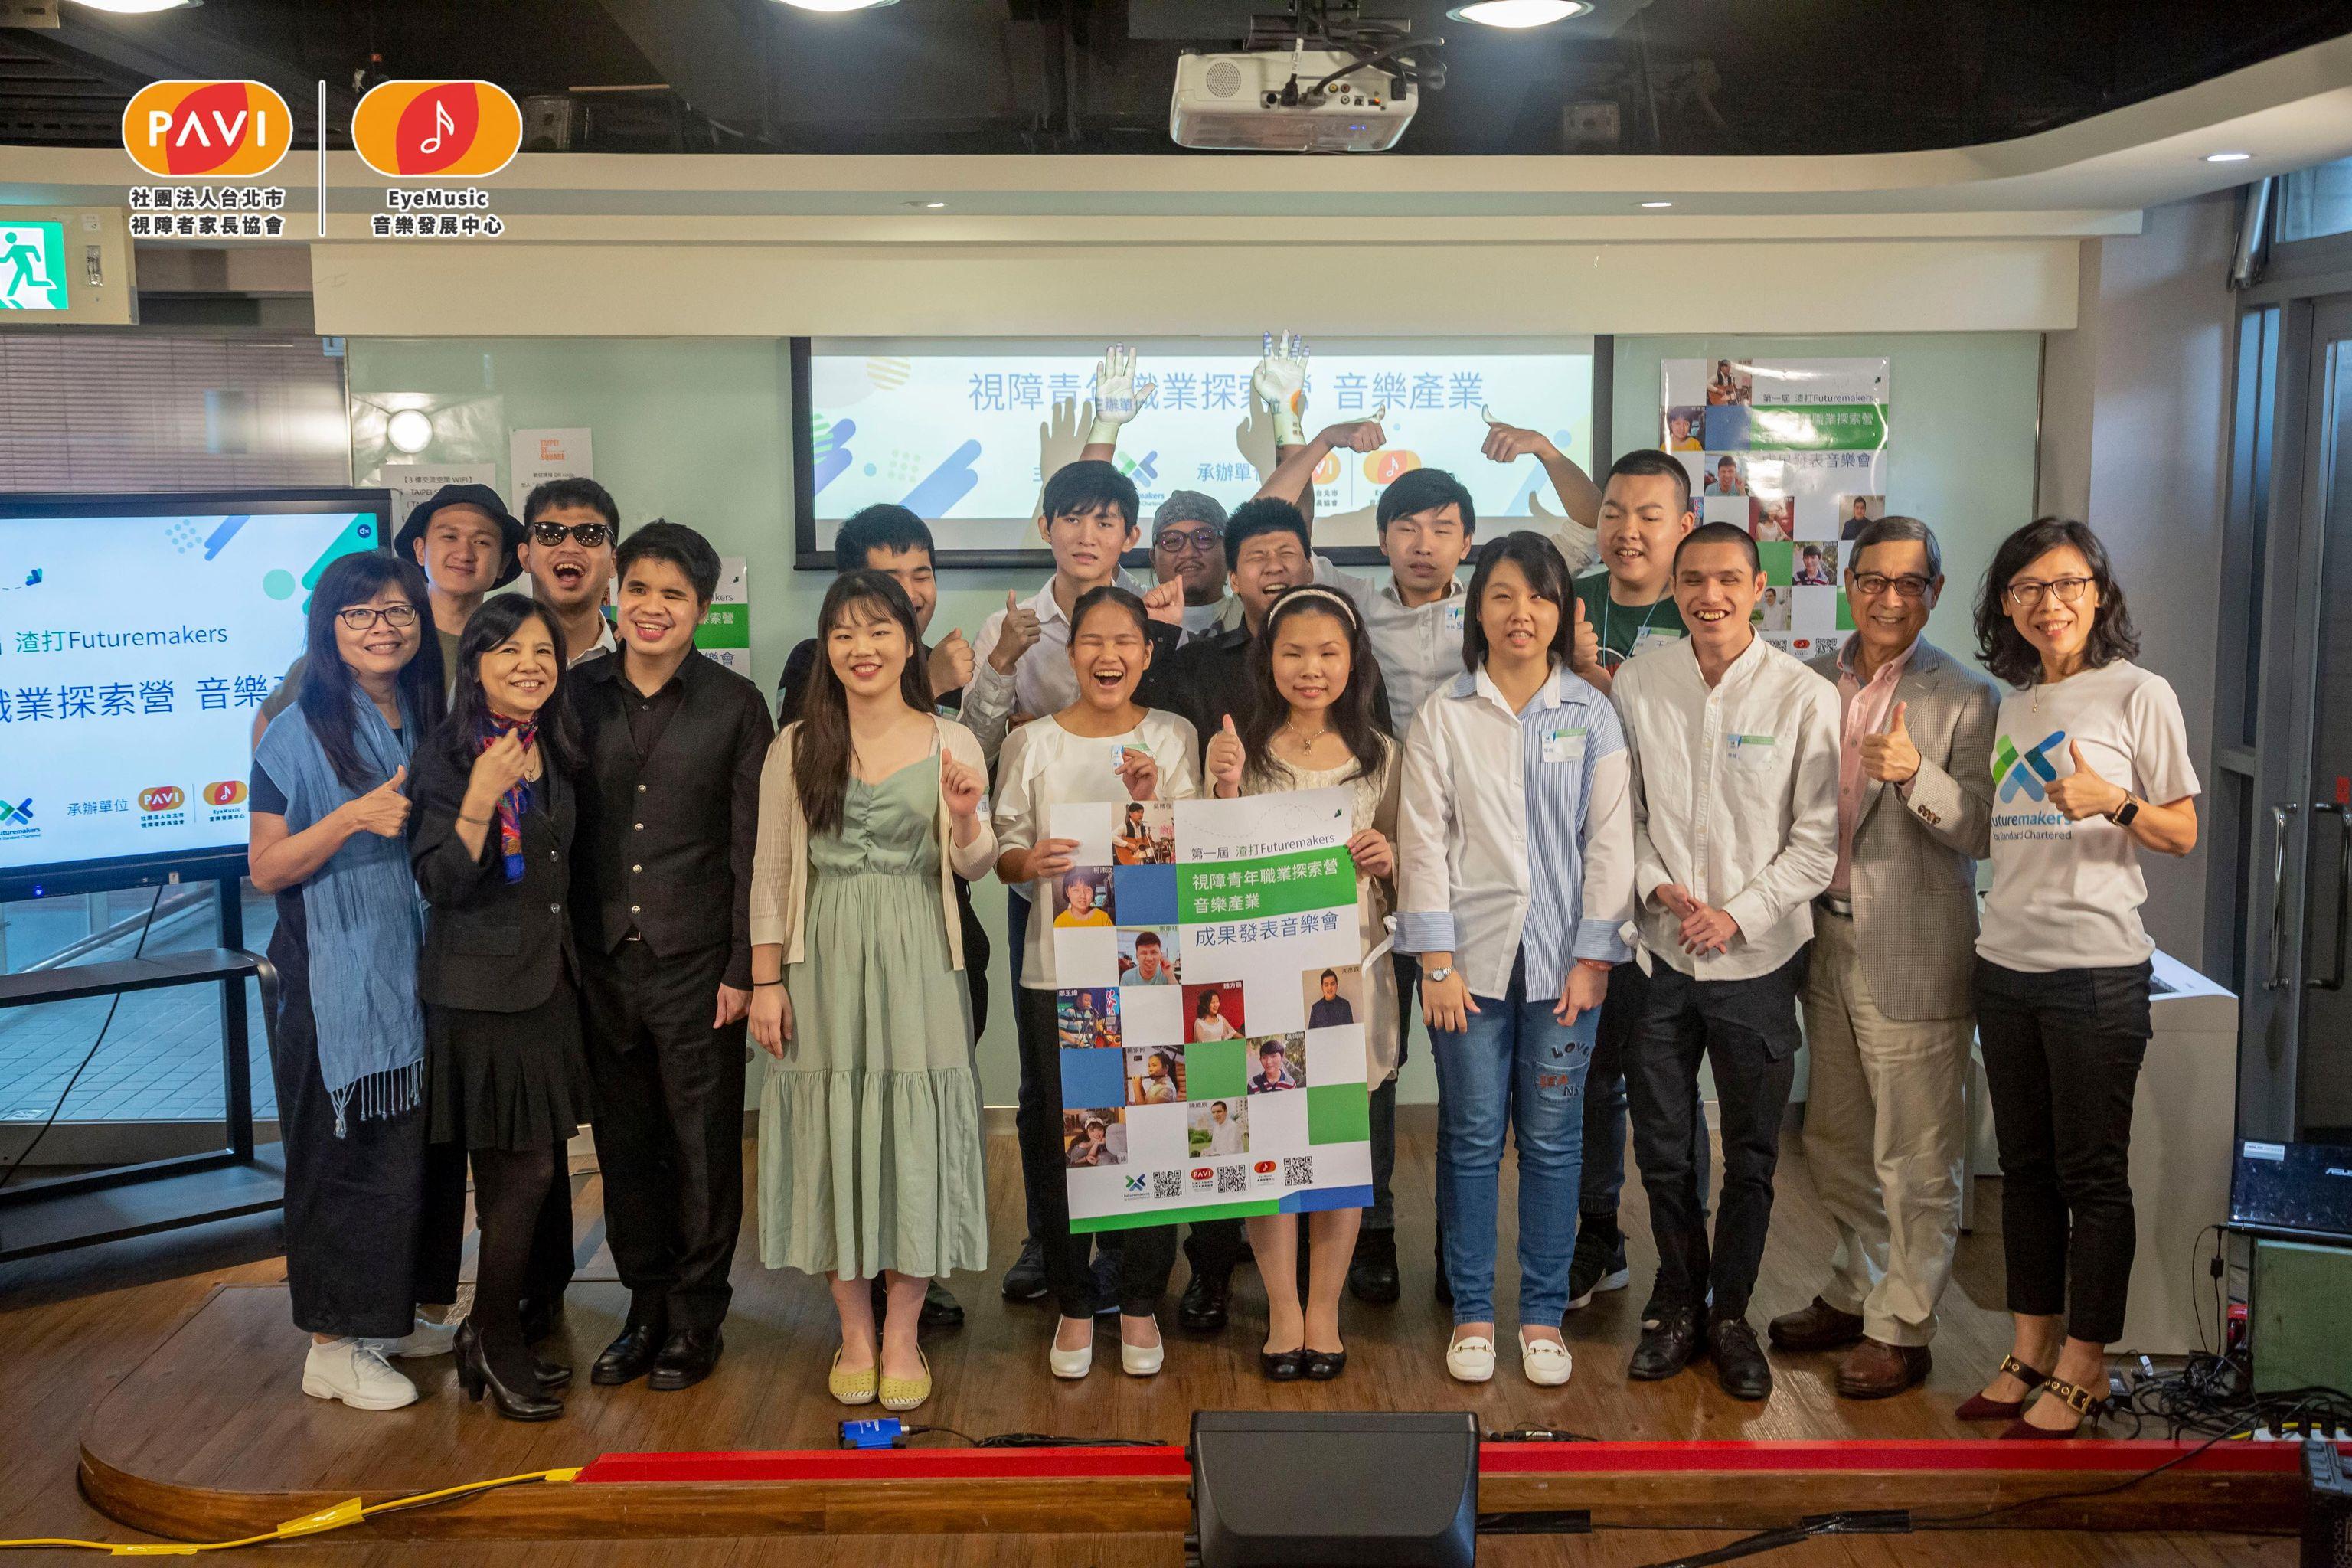 靖騰參加「渣打Futuremakers視障音樂探索營」的活動,與夥伴合影。